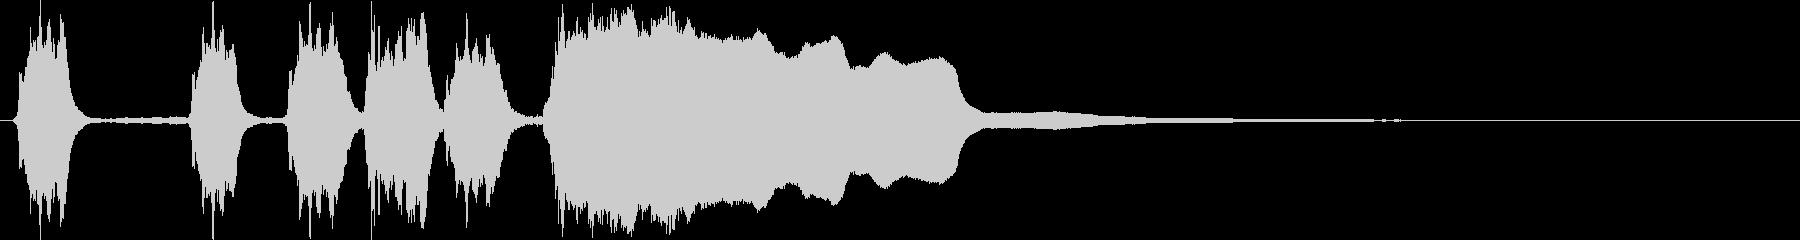 単音メロディーのシンプルなファンファーレの未再生の波形